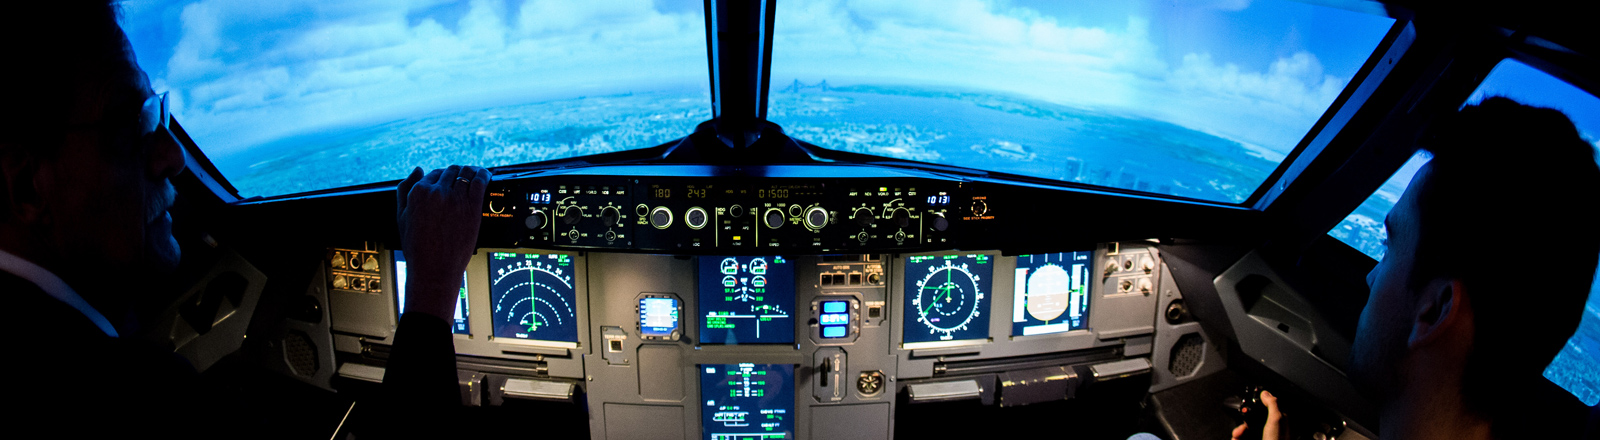 Zwei Männer sitzen im Cockpit eines Flugsimulators.